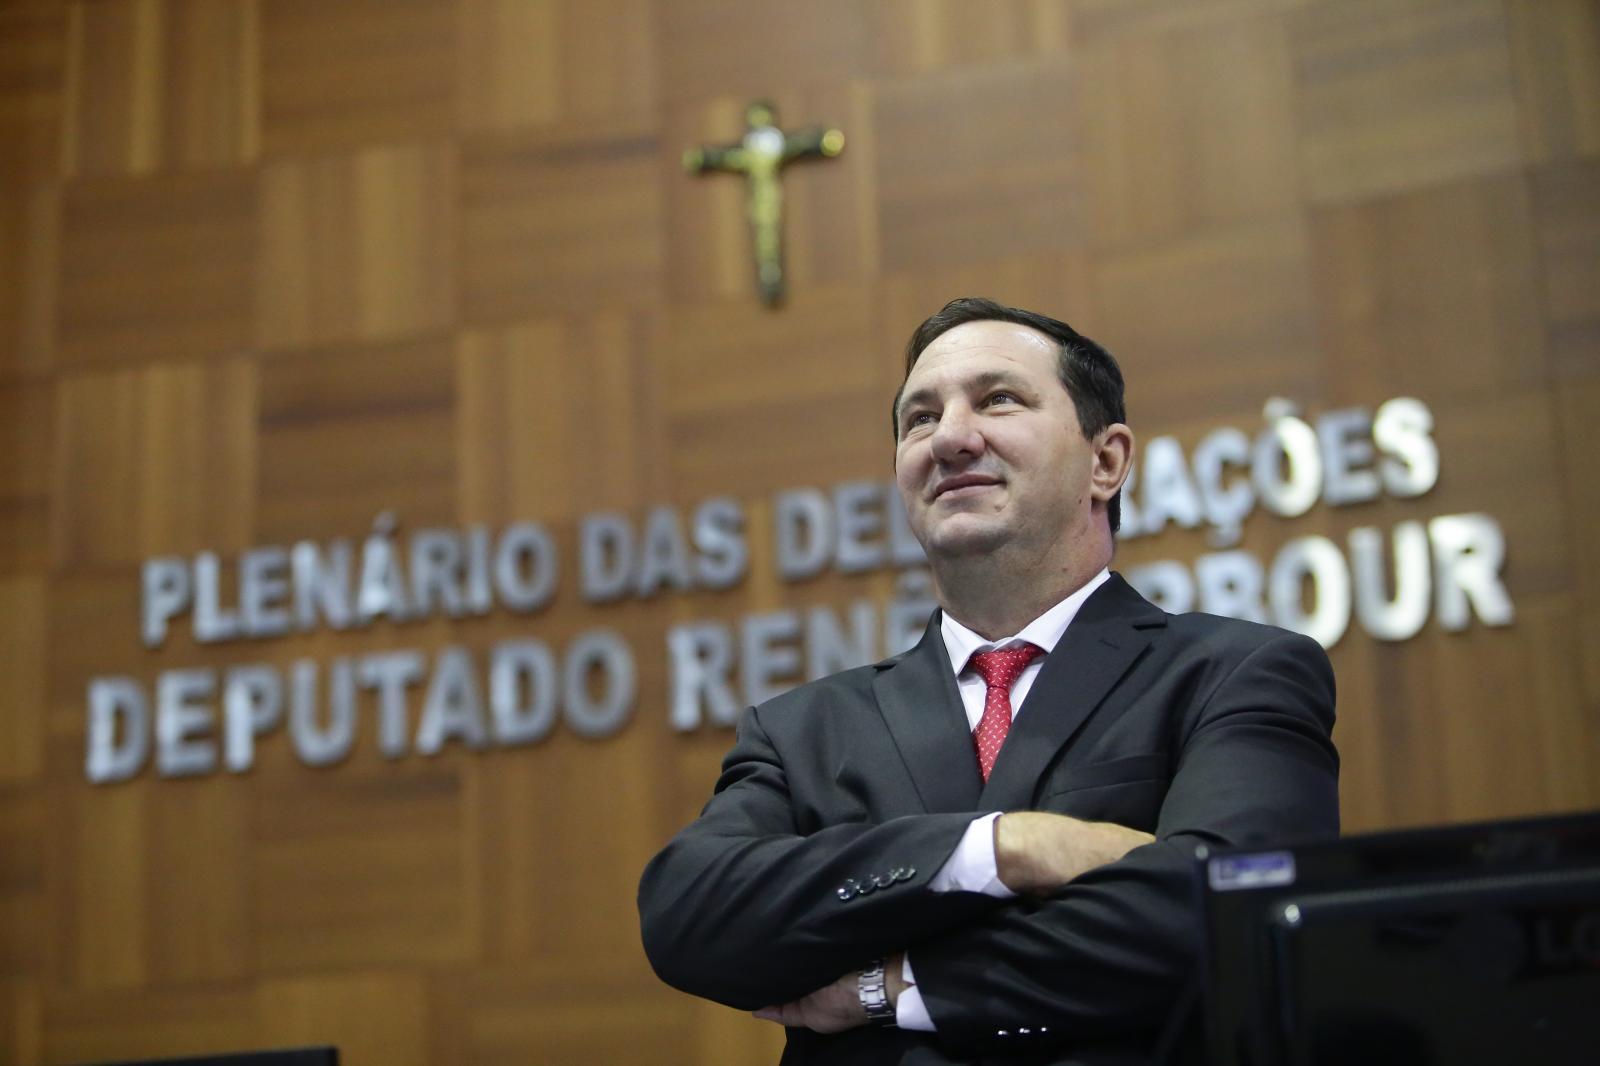 Barranco continua entre os parlamentares mais atuantes de Mato Grosso